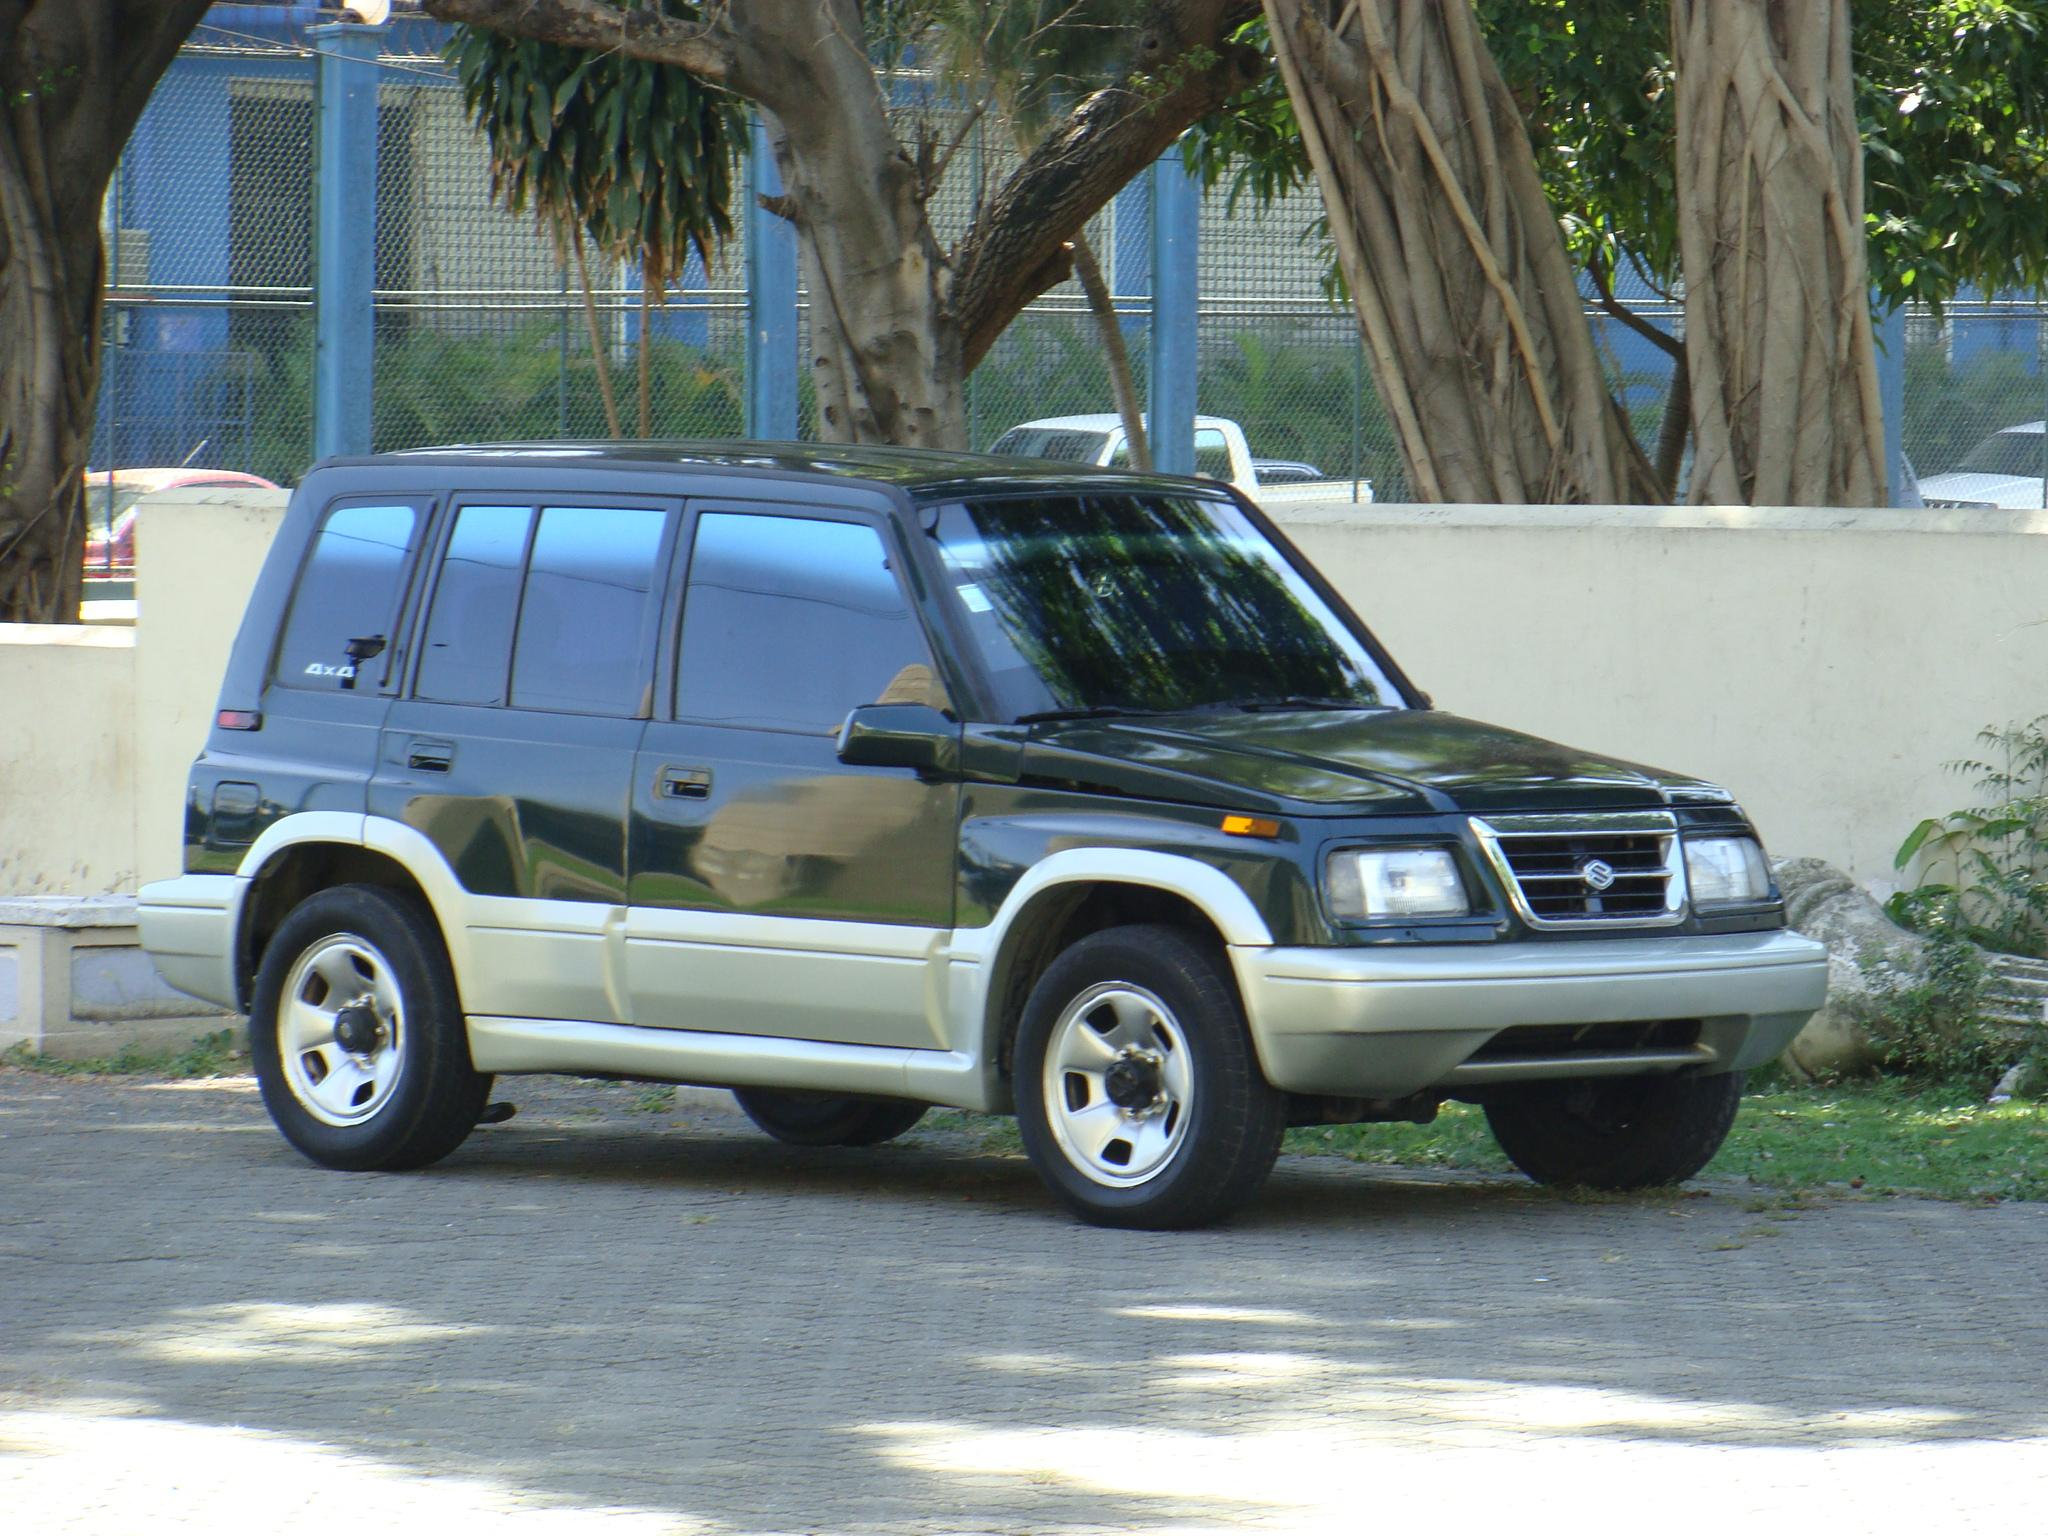 2000 Suzuki Sidekick - Suzuki Sidekick Suzuki Sidekick - 2000 Suzuki Sidekick